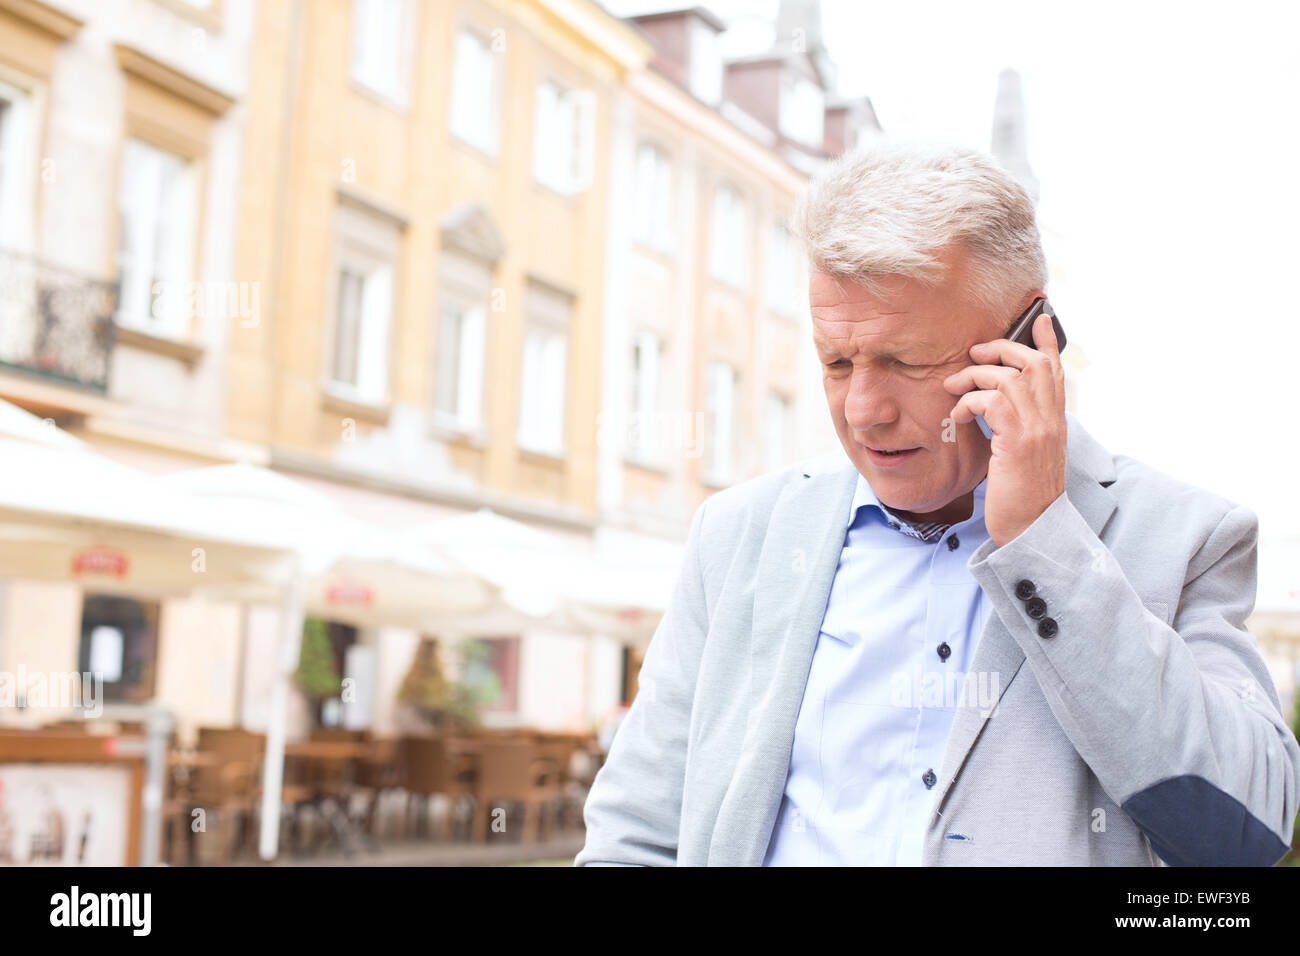 Uomo di mezza età tramite cellulare in città Immagini Stock